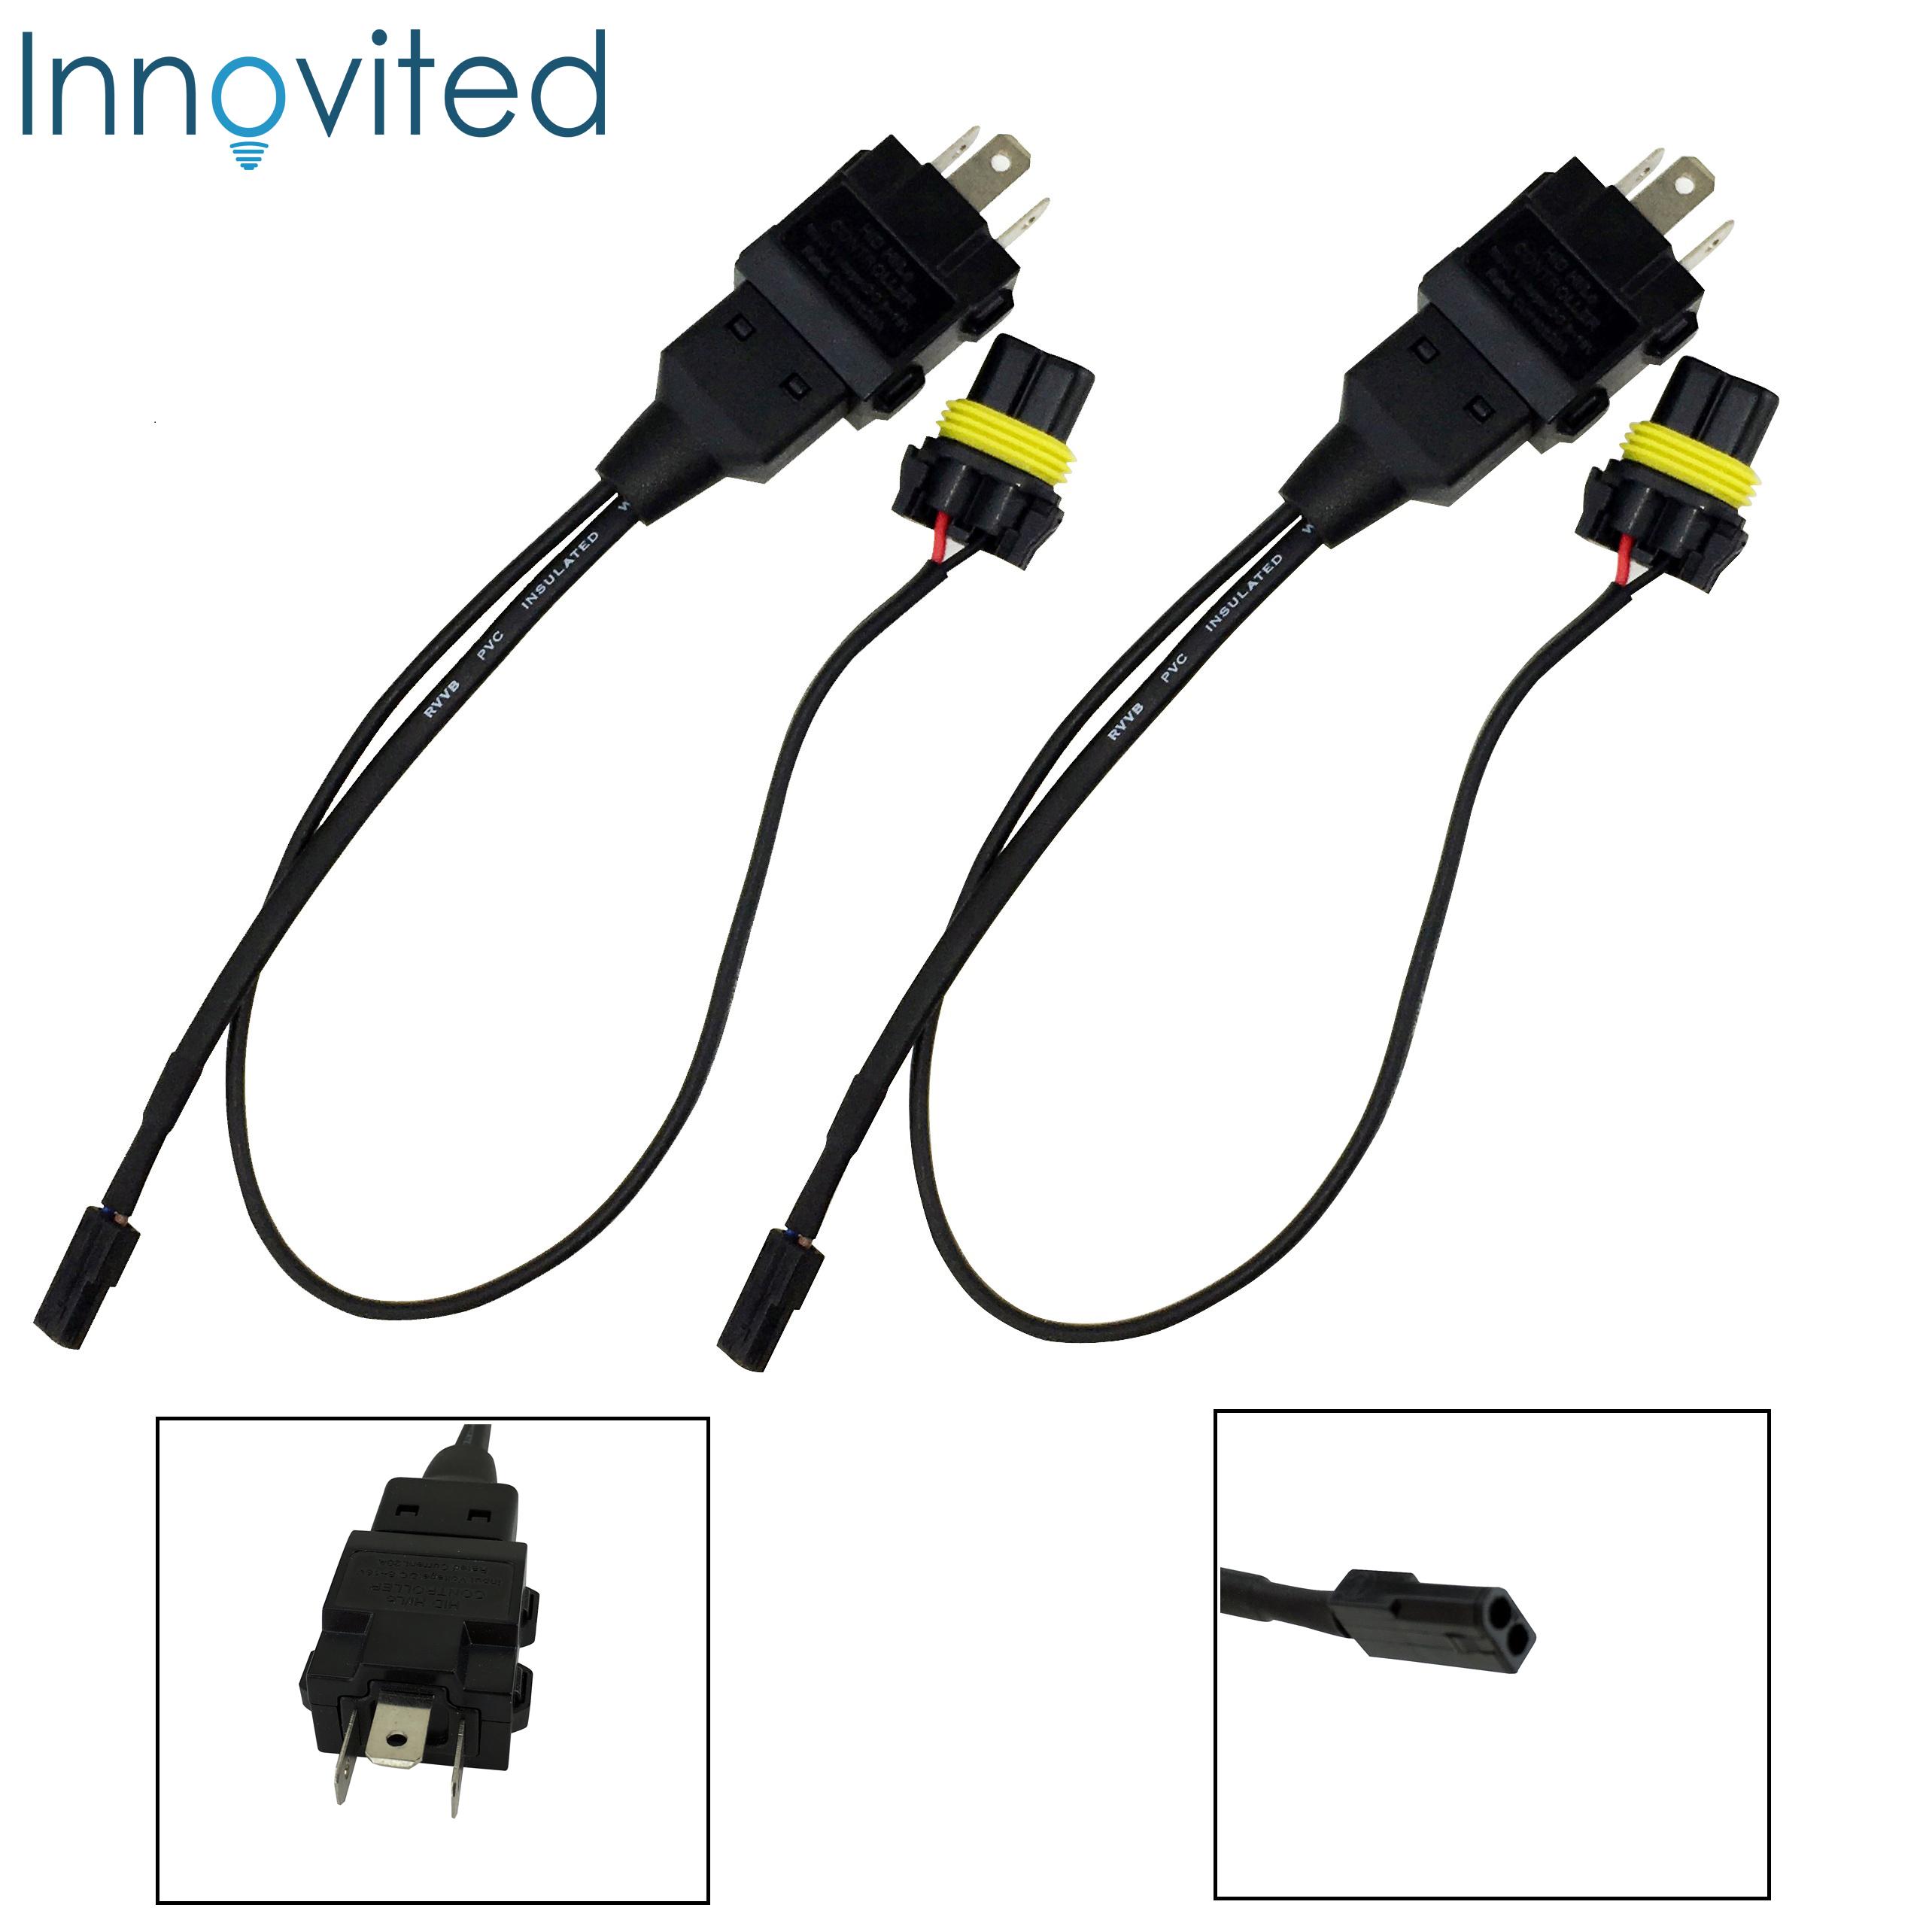 xenon hid wiring h4 bi xenon hid wiring  diagram mx 6 2x h4 9003 easy relay harness hi/lo bi-xenon hid bulbs ... #6